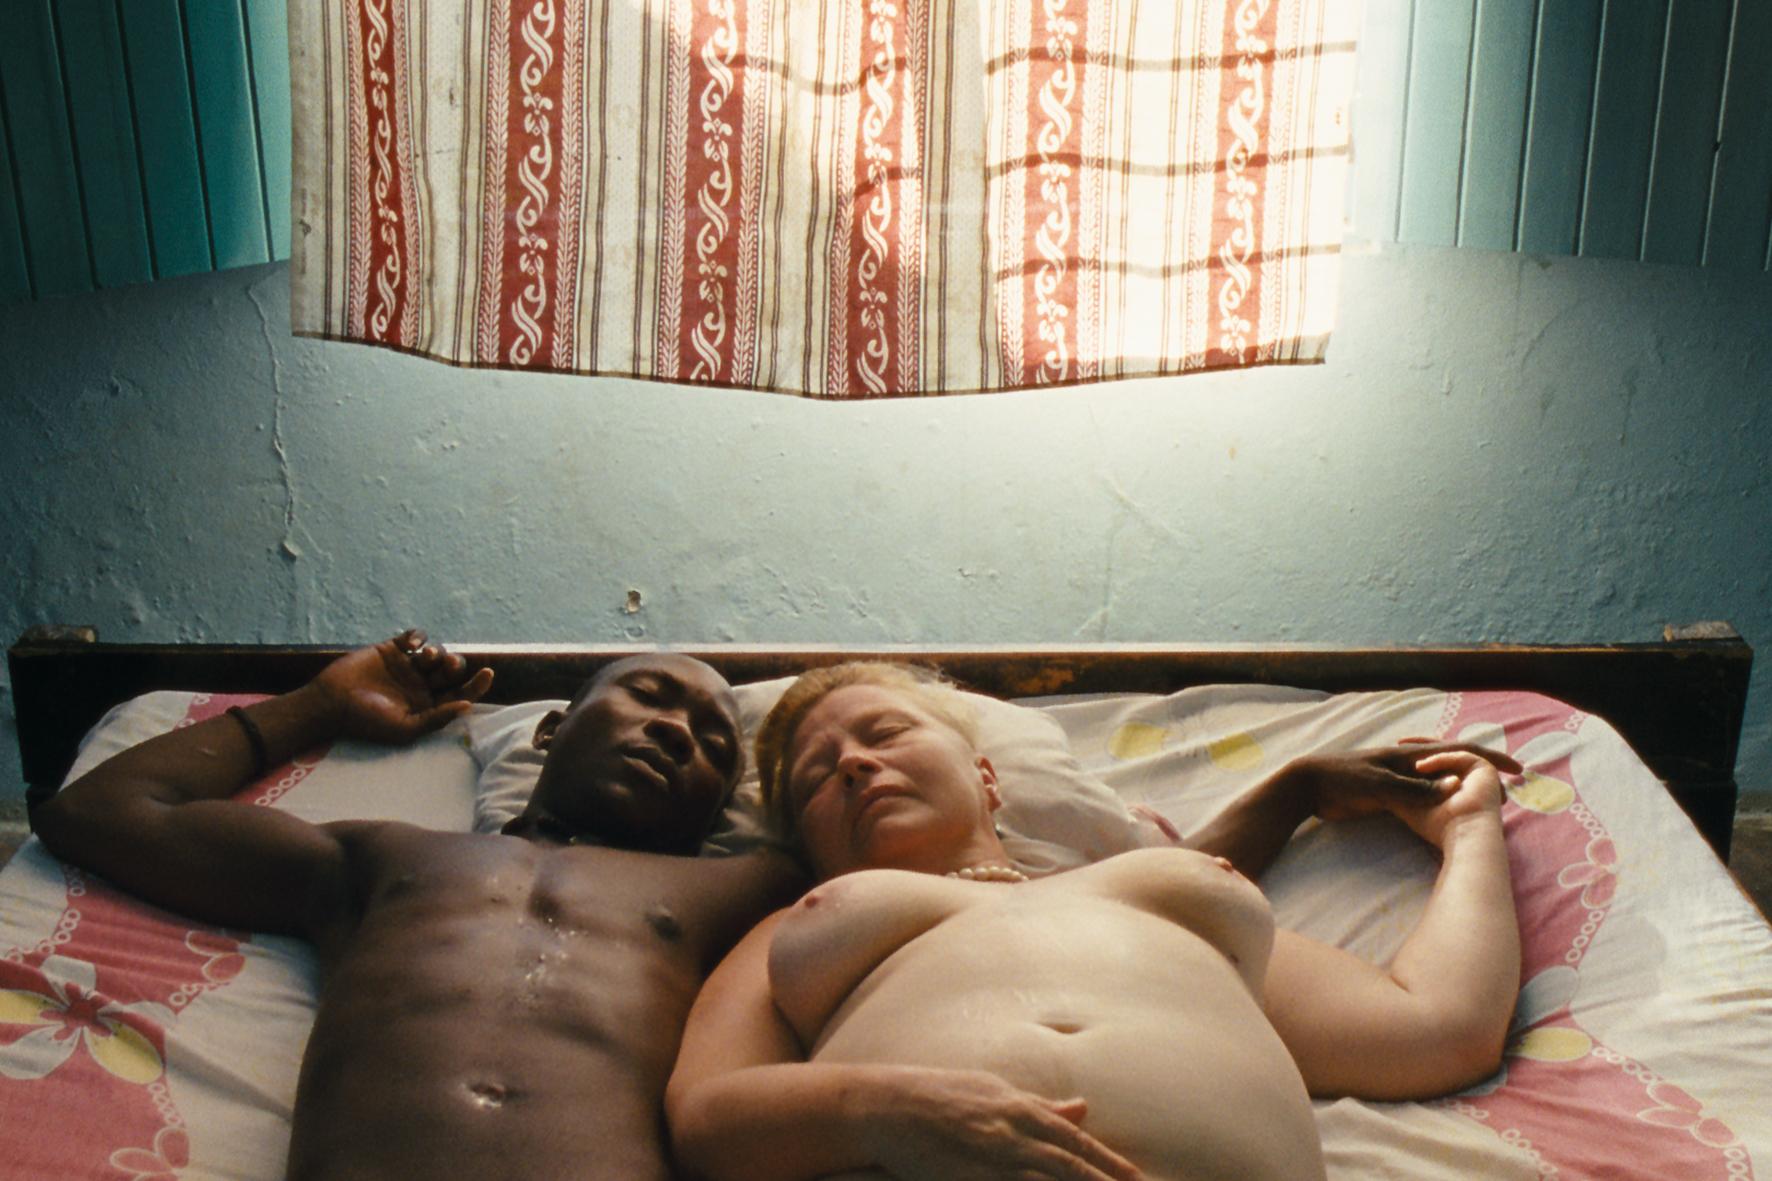 Der Traum vom bedingungslosen Sex geht für Teresa (Margarethe Tiesel) mit dem Beachboy Salama (Carlos Mkutano) in Erfüllung. Doch der Wunsch nach Anerkennung bleibt. © Neue Visionen Filmverleih